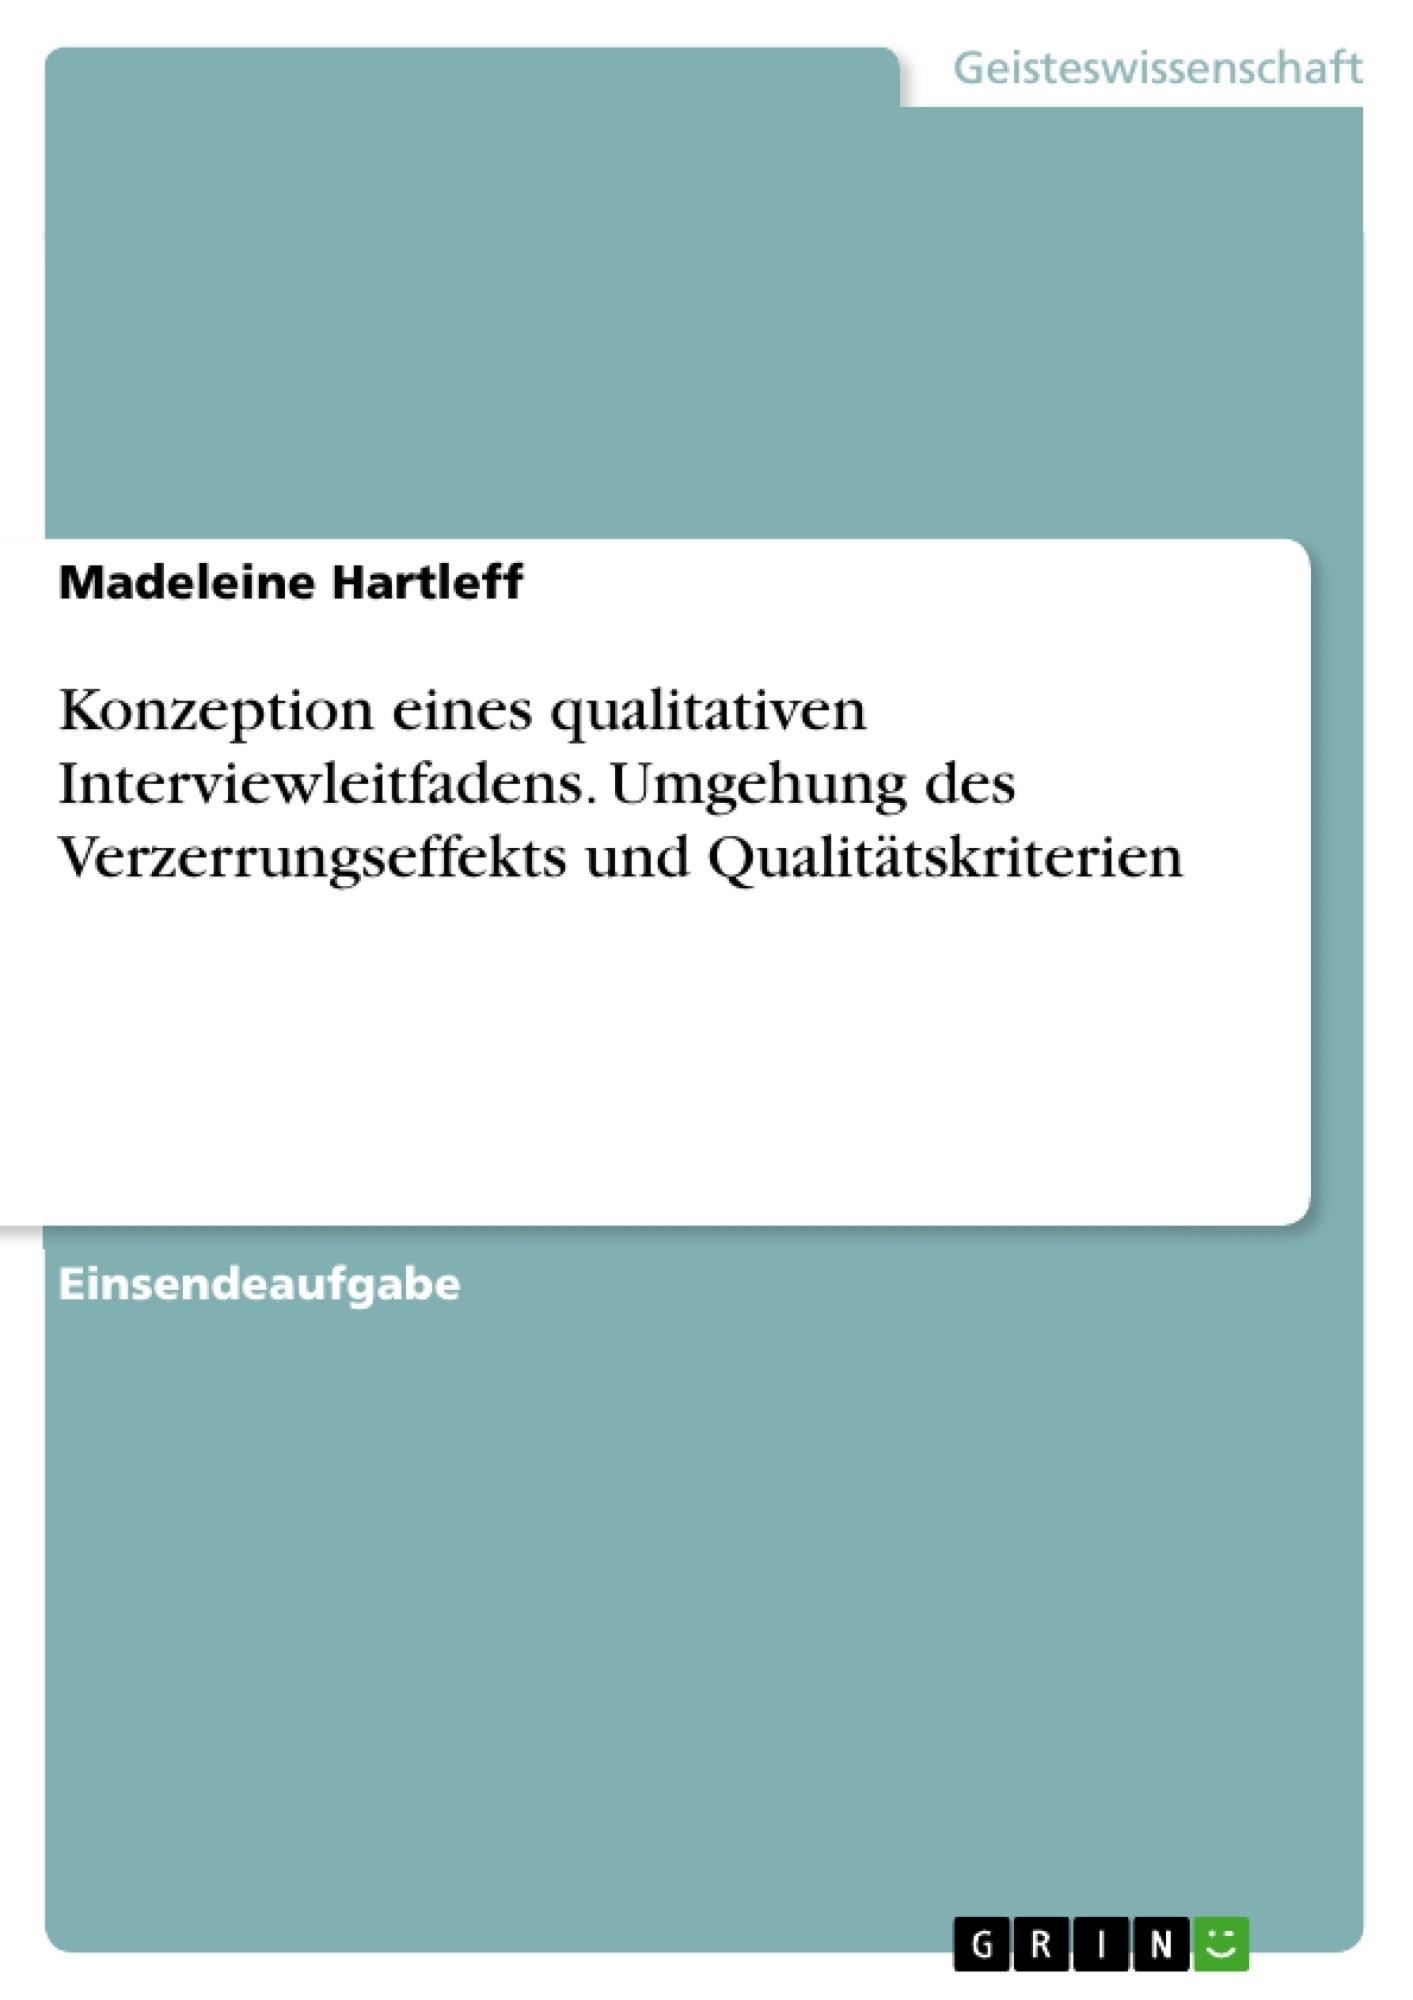 Titel: Konzeption eines qualitativen Interviewleitfadens. Umgehung des Verzerrungseffekts und Qualitätskriterien